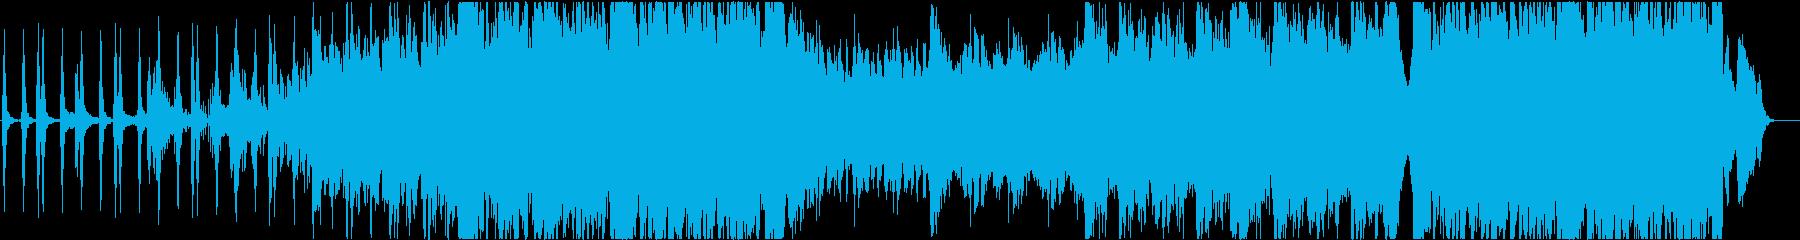 激しめの劇伴2の再生済みの波形